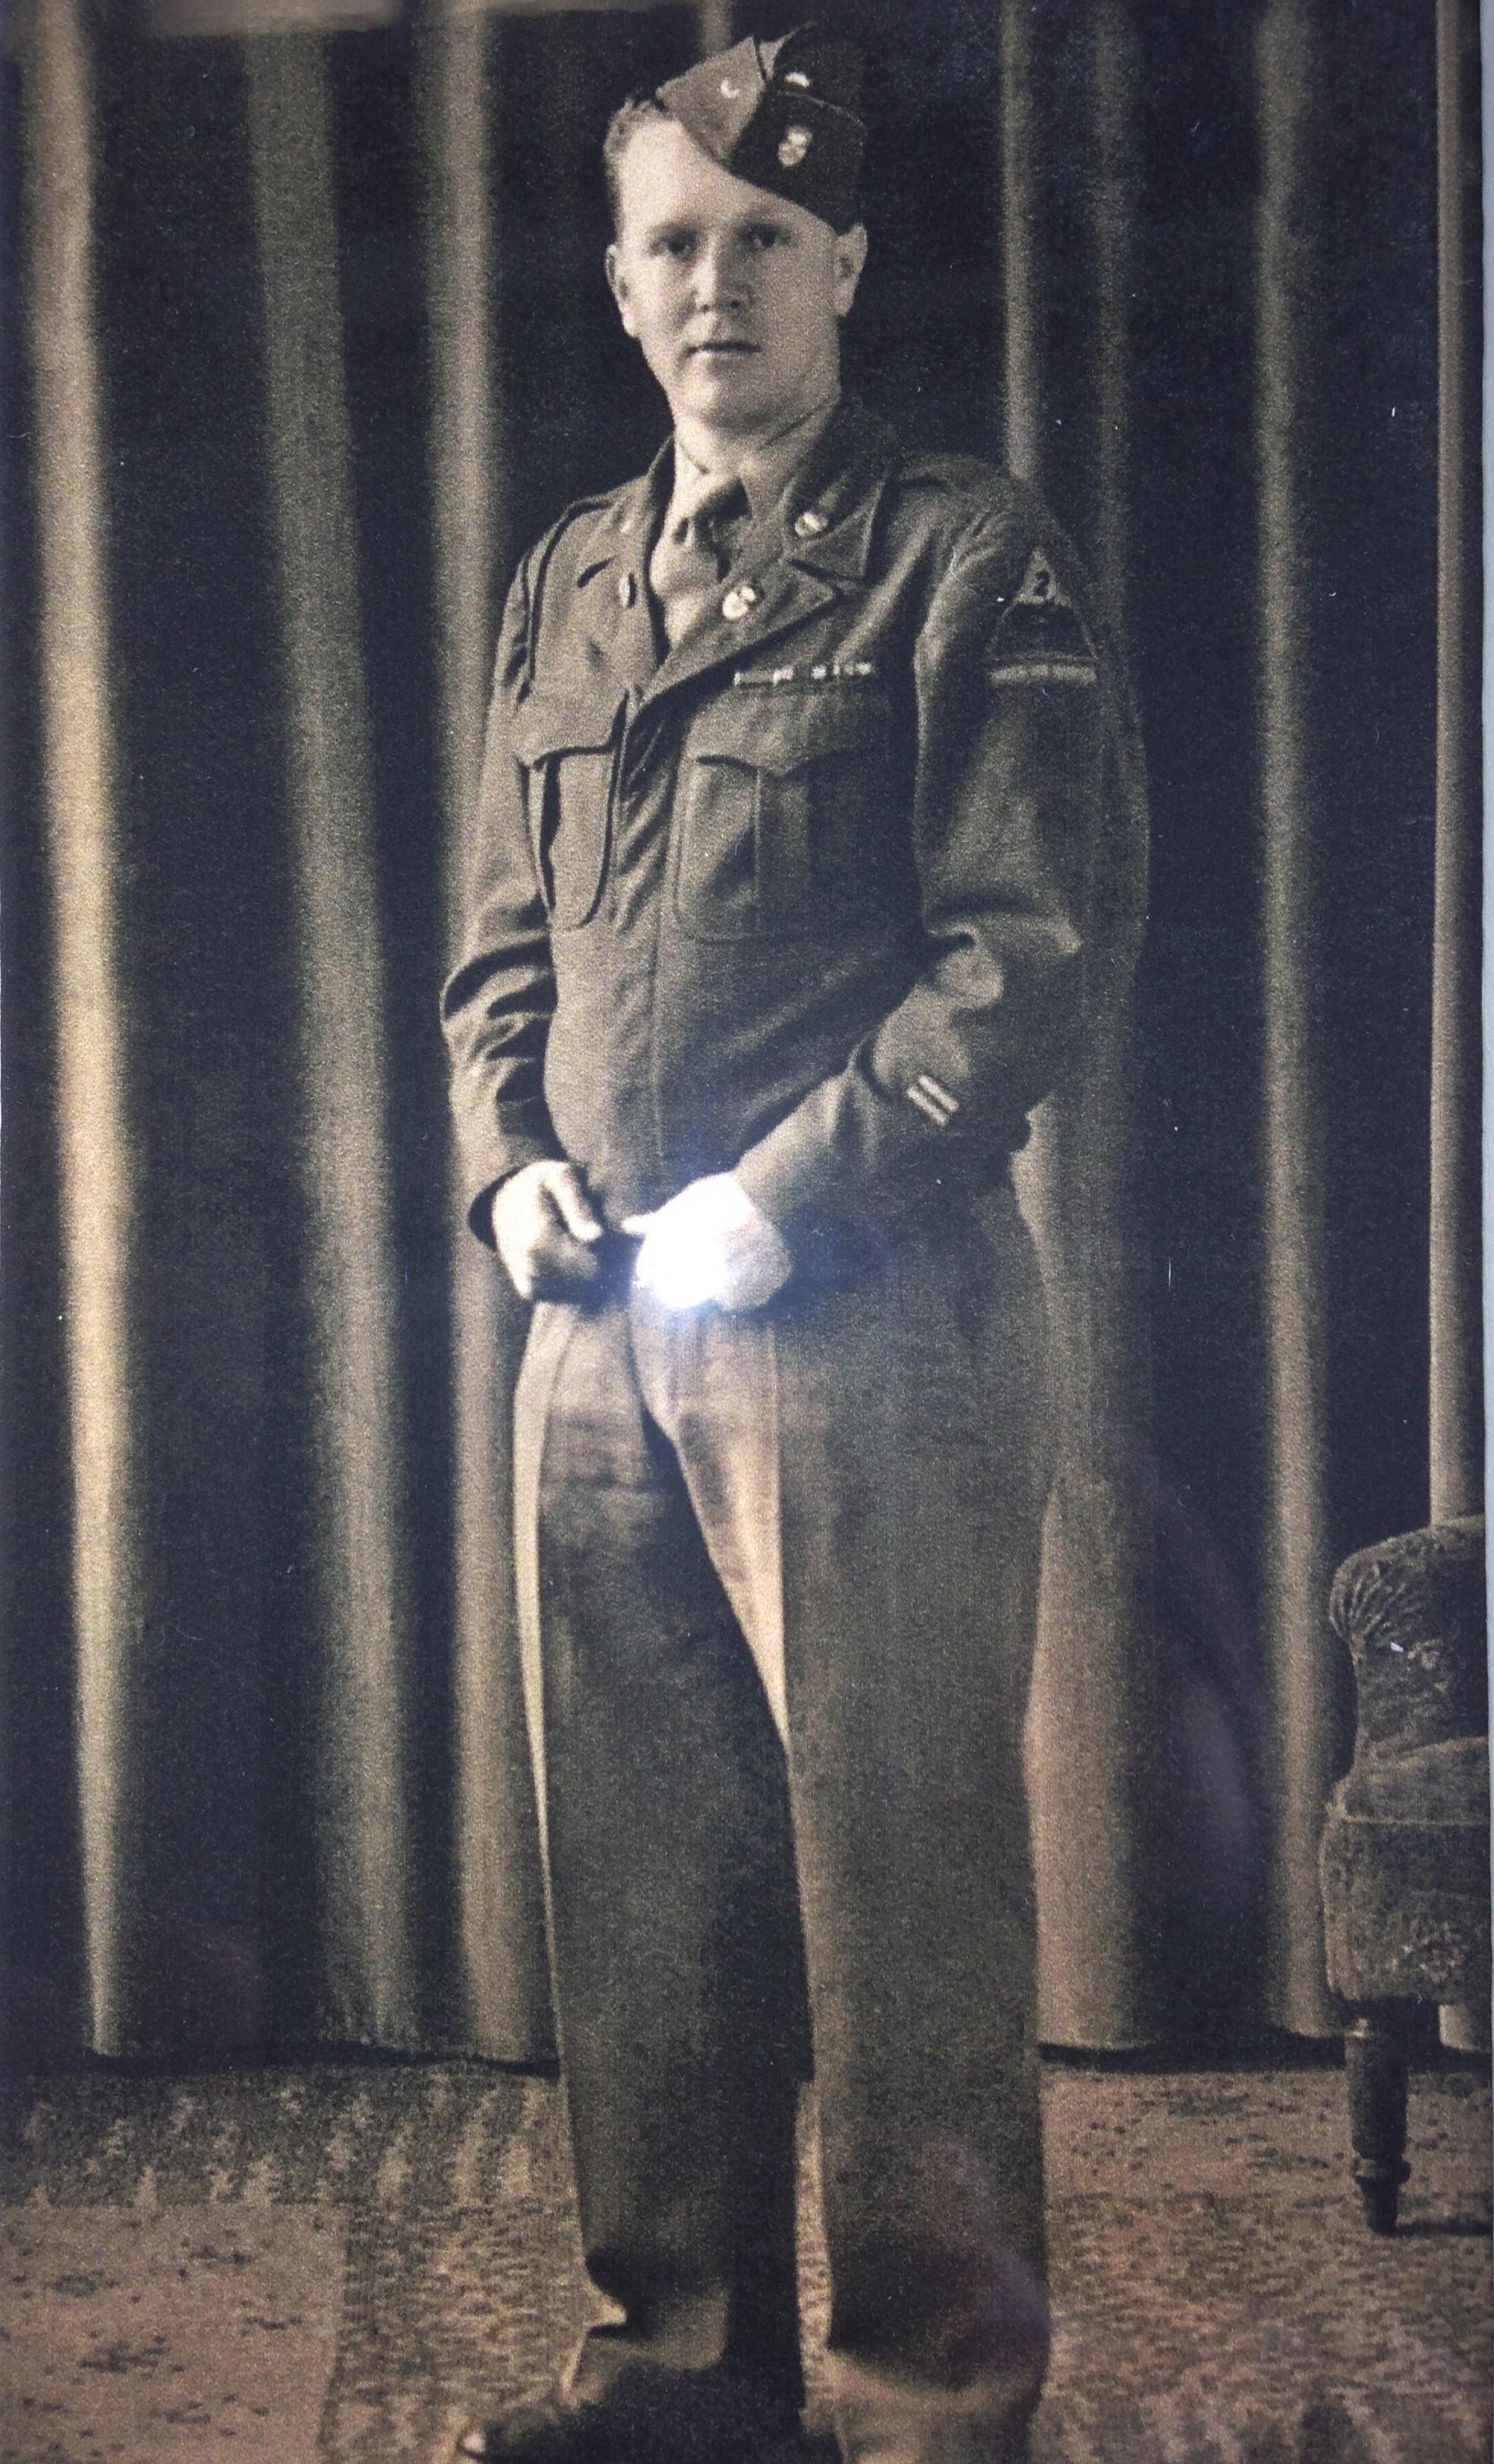 ocala news, world war II, purple heart